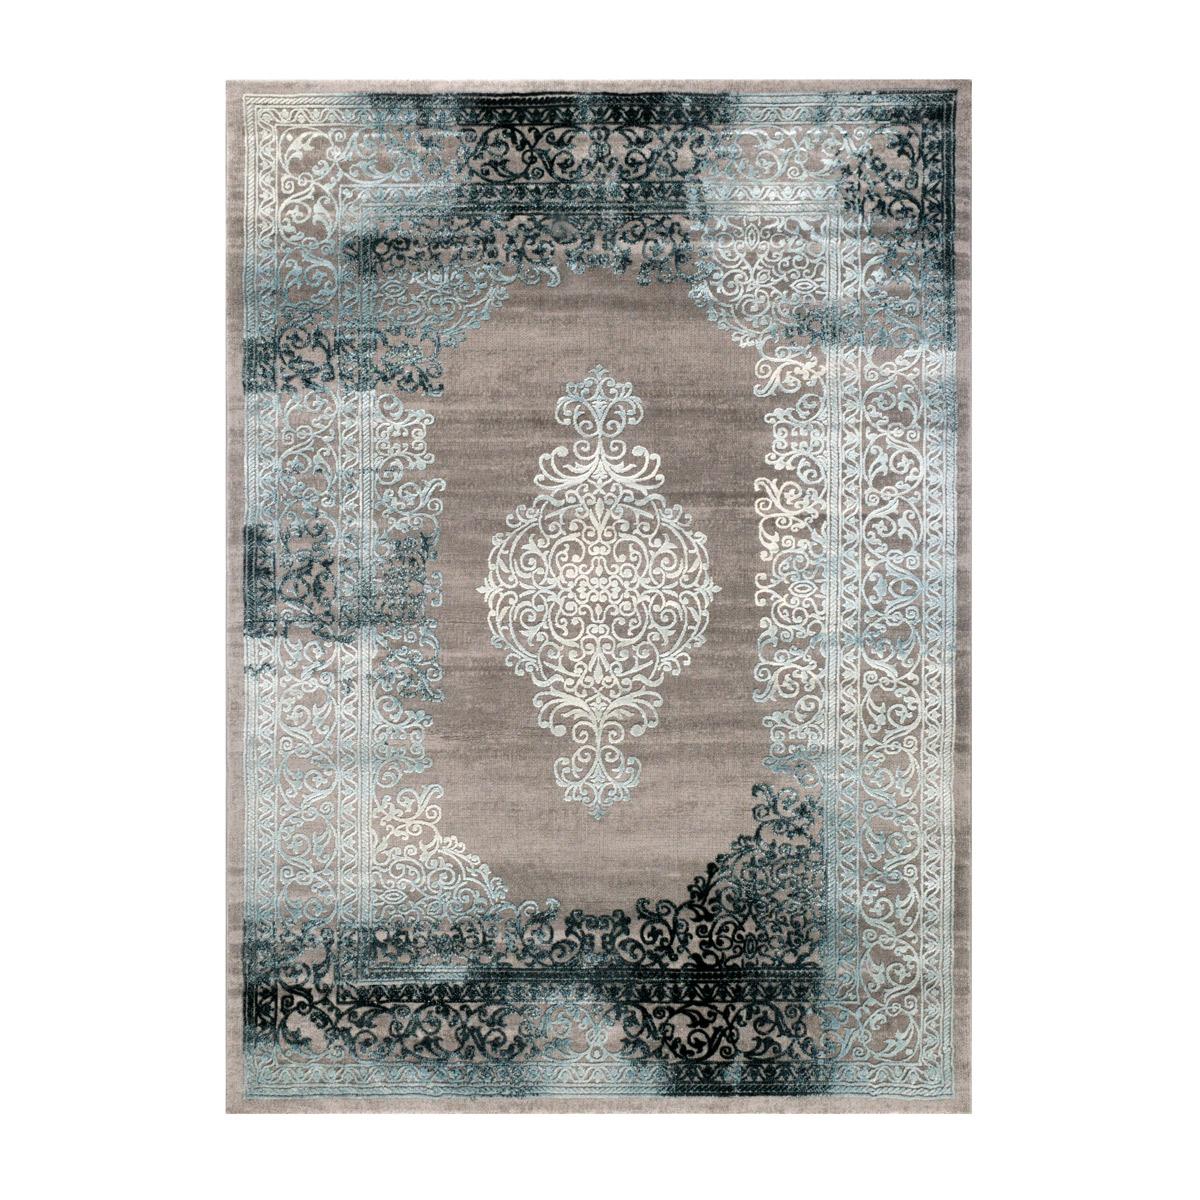 Χαλιά Κρεβατοκάμαρας (Σετ 3τμχ) Tzikas Carpets Vintage 23024-953/80cm